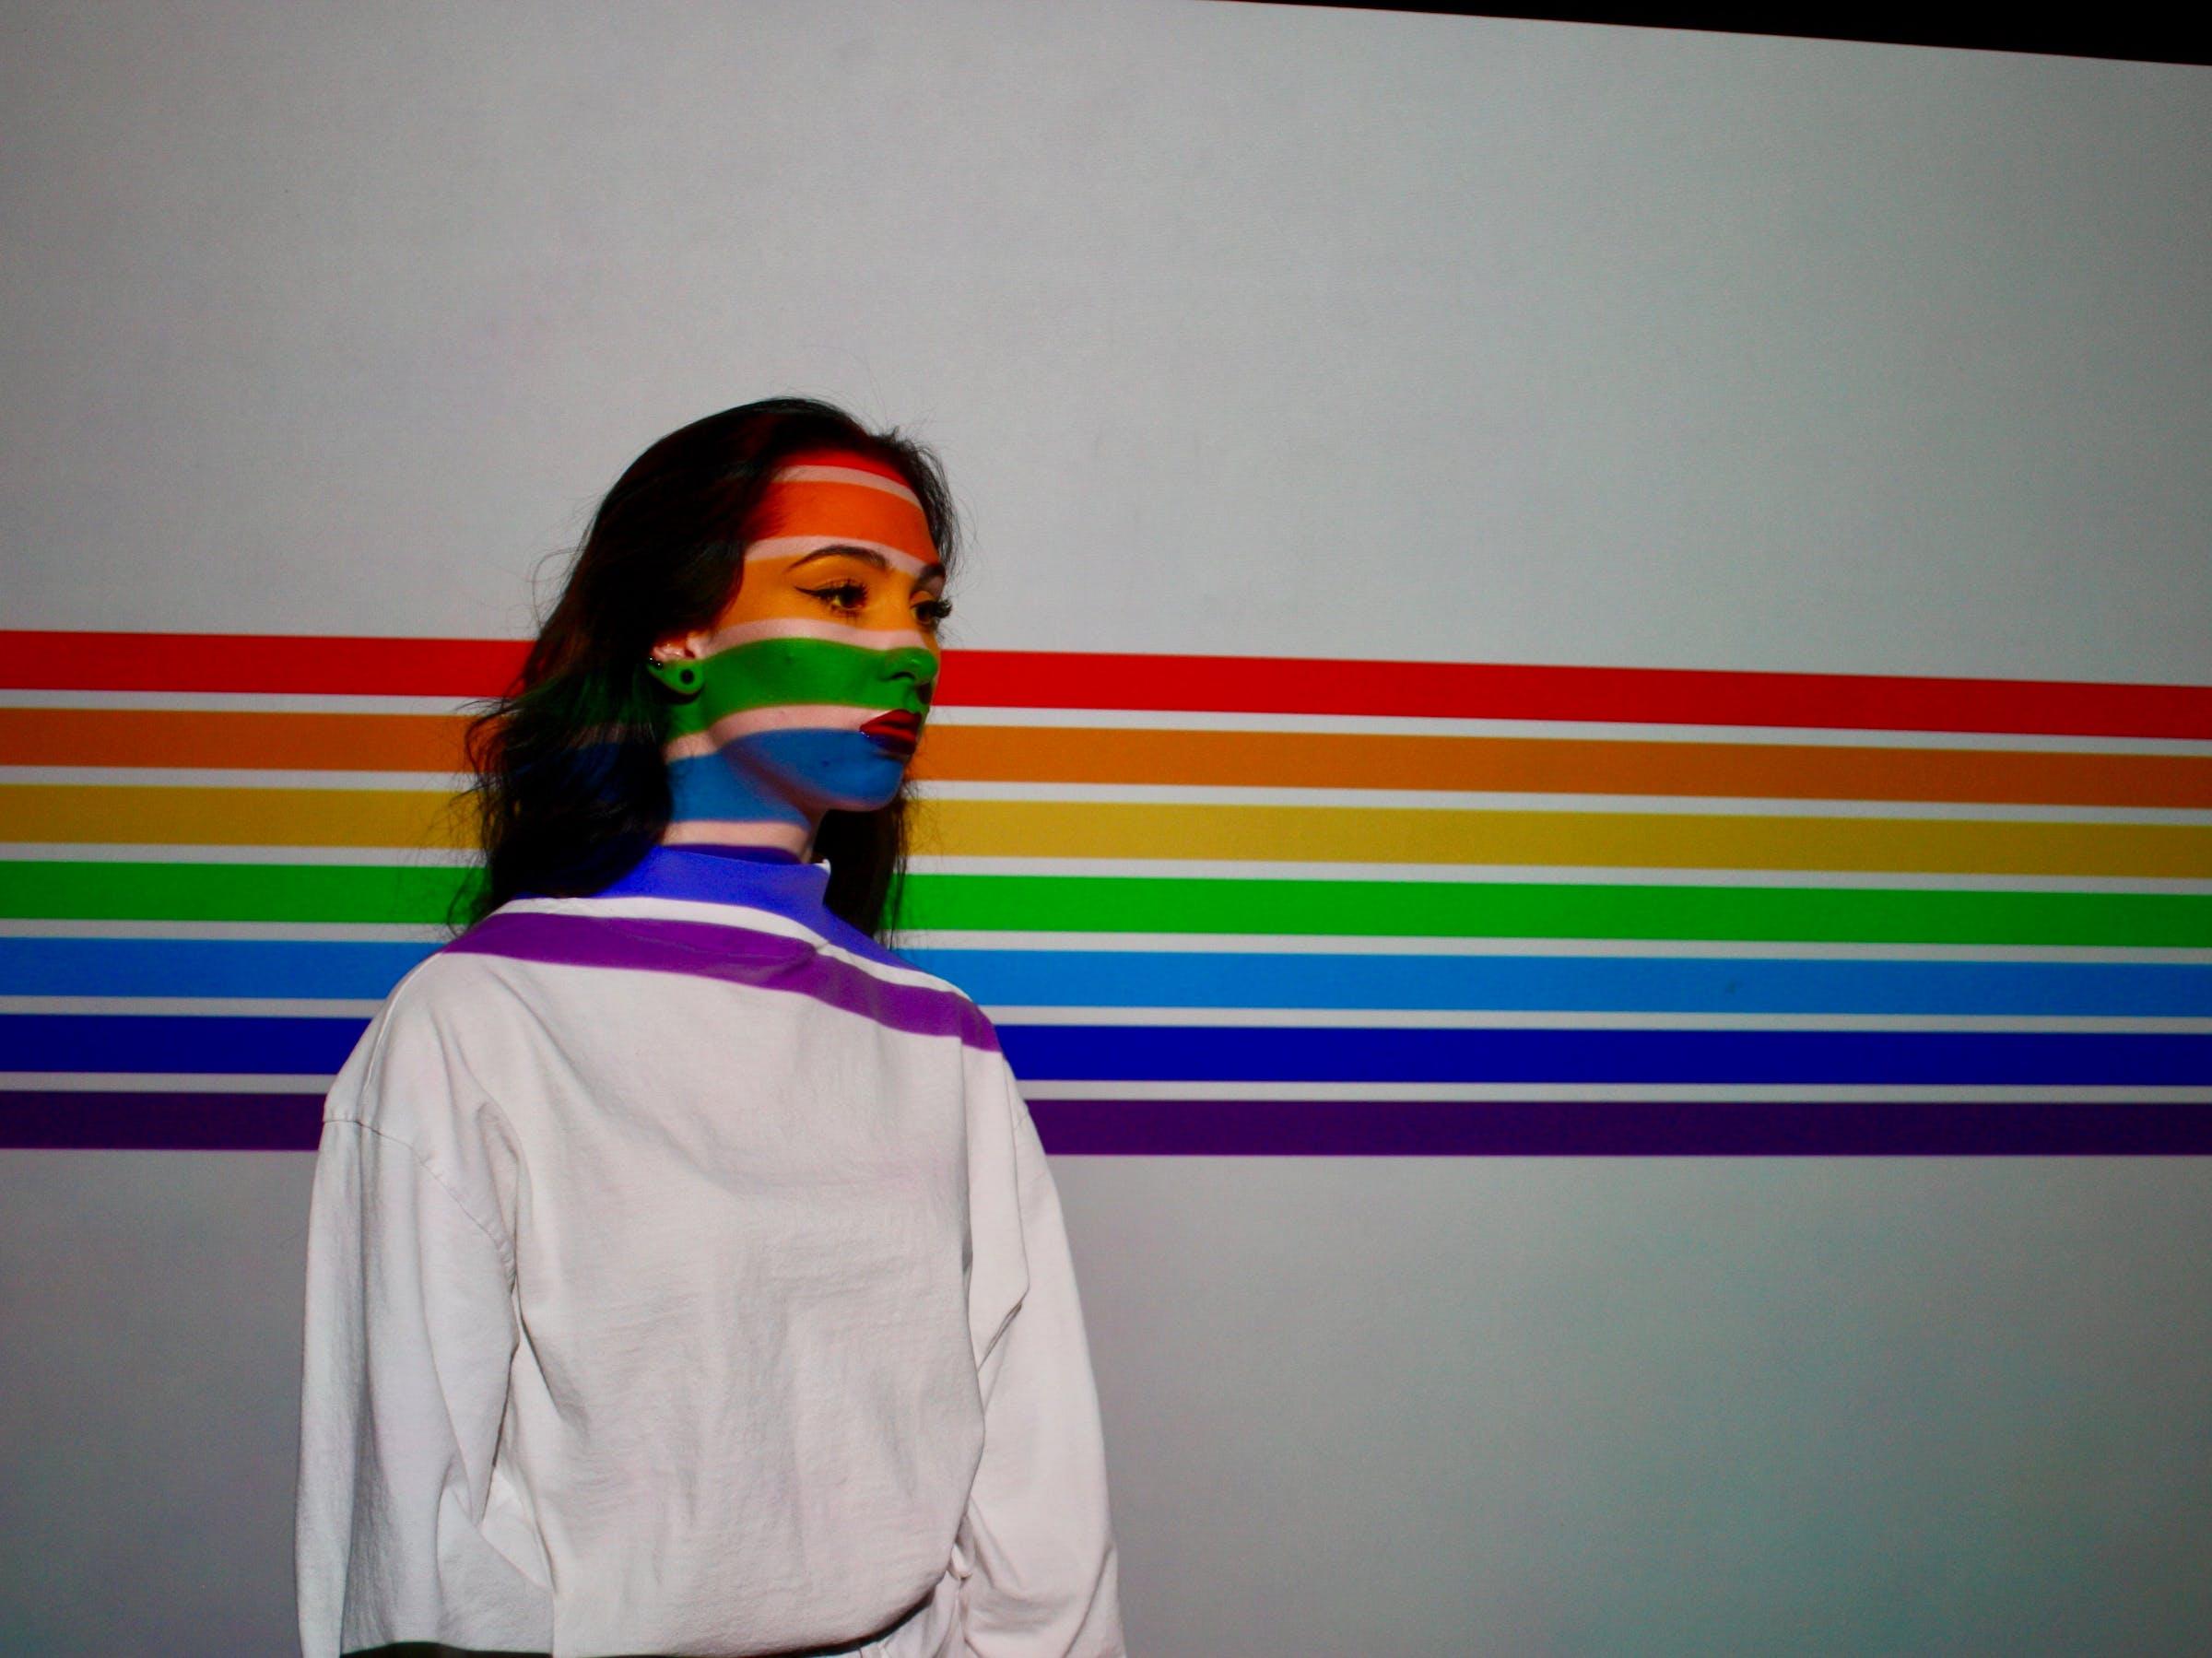 LGBTQ, gay